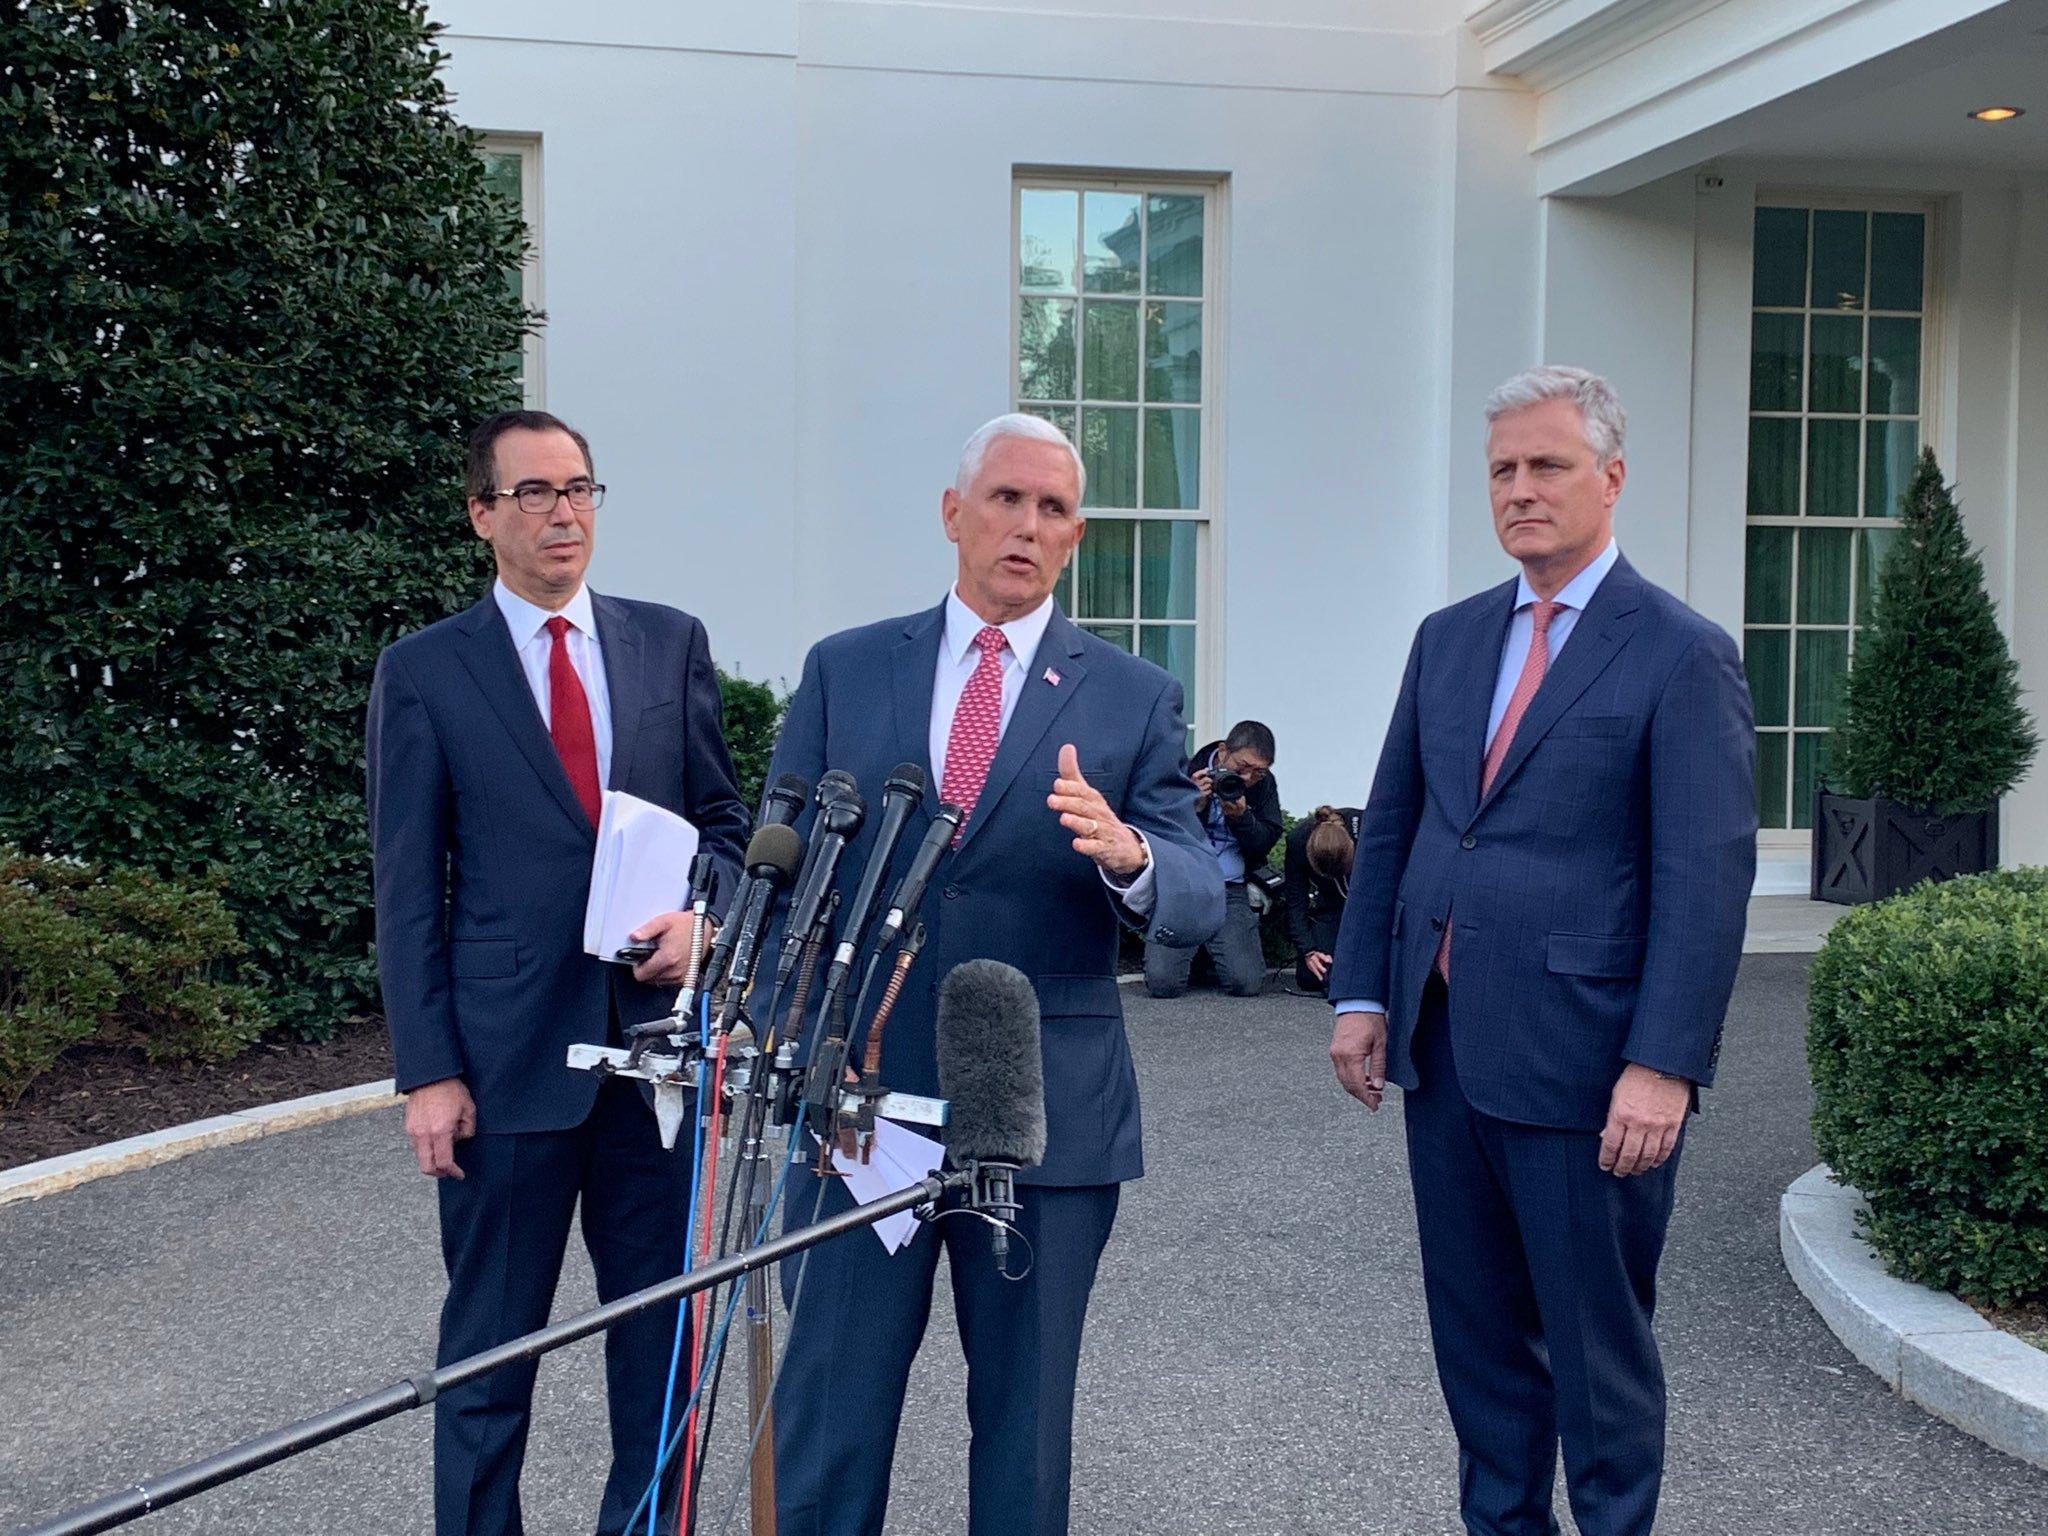 美國副總統潘斯(Mike Pence)14日下午表示將對土耳其國防、內政和能源部長實施制裁。圖/截取自Eamon Javers推特